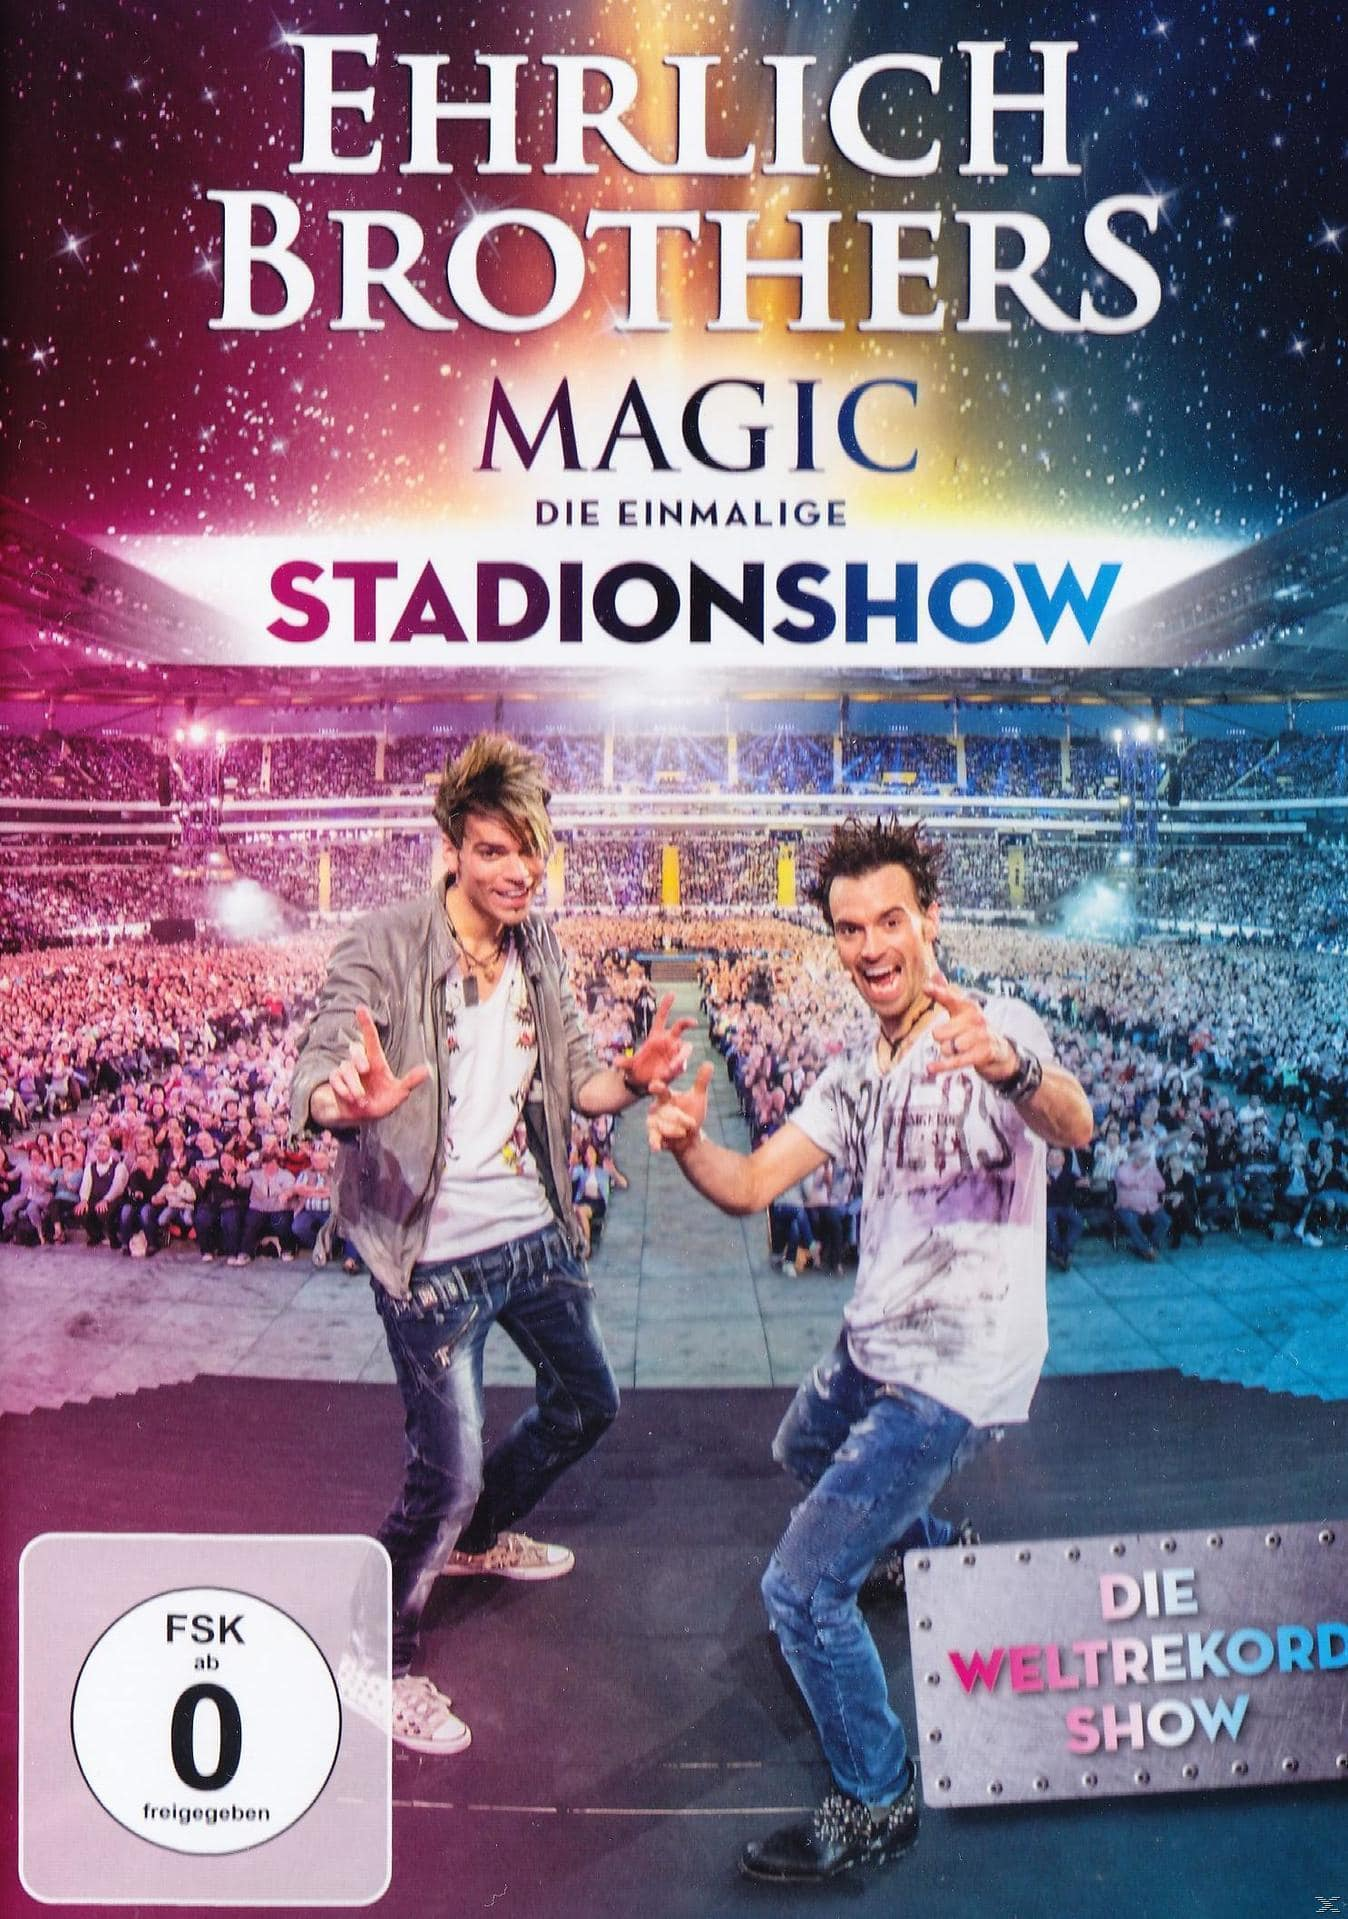 Ehrlich Brothers - Magic: Die einmalige Stadion-Show (DVD) für 9,99 Euro